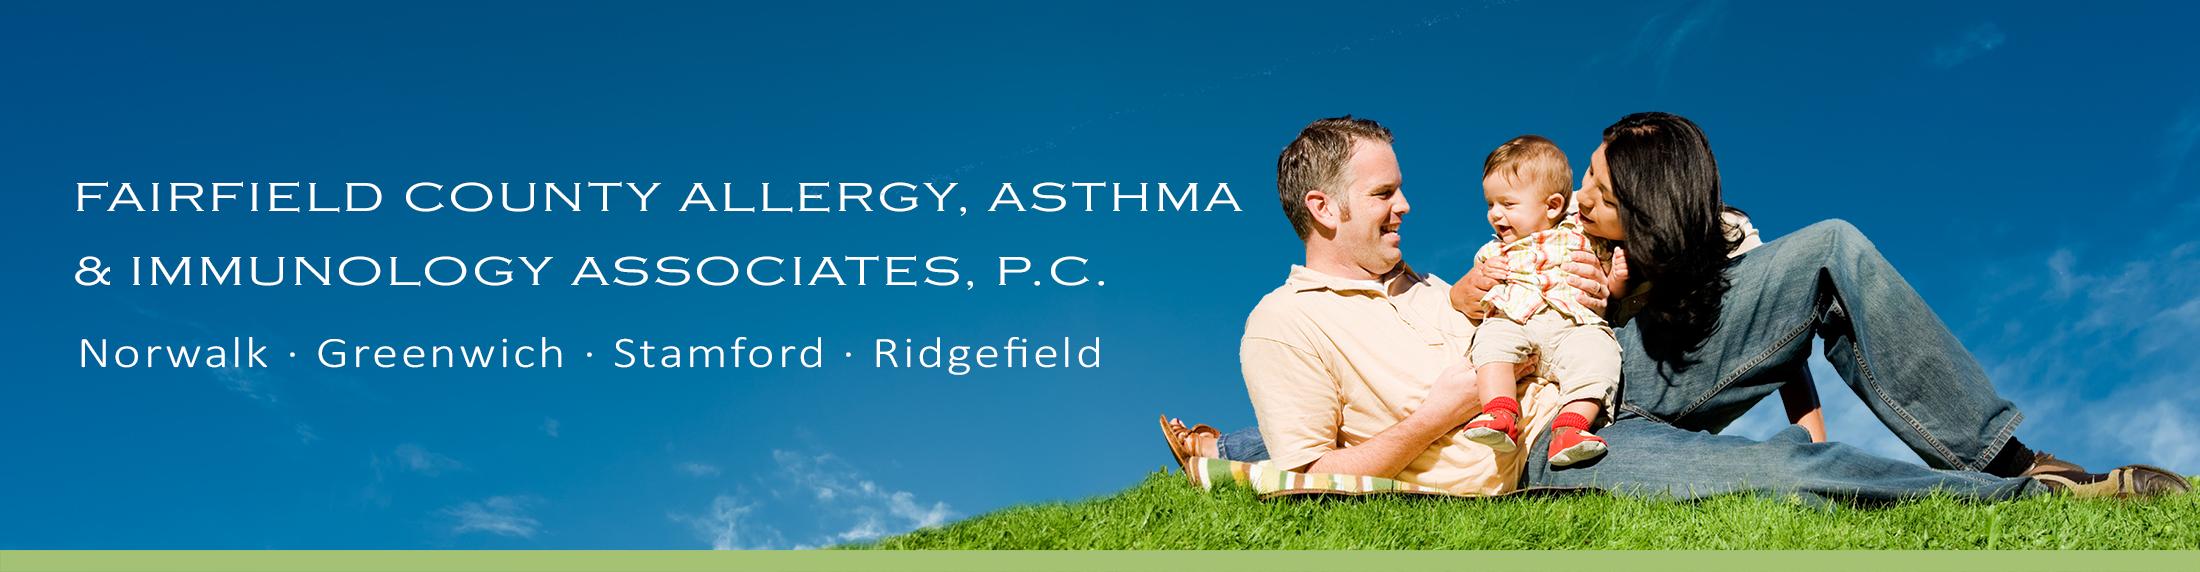 FCAAIA - Fairfield County Allergy, Asthma, and Immunology Associates PC